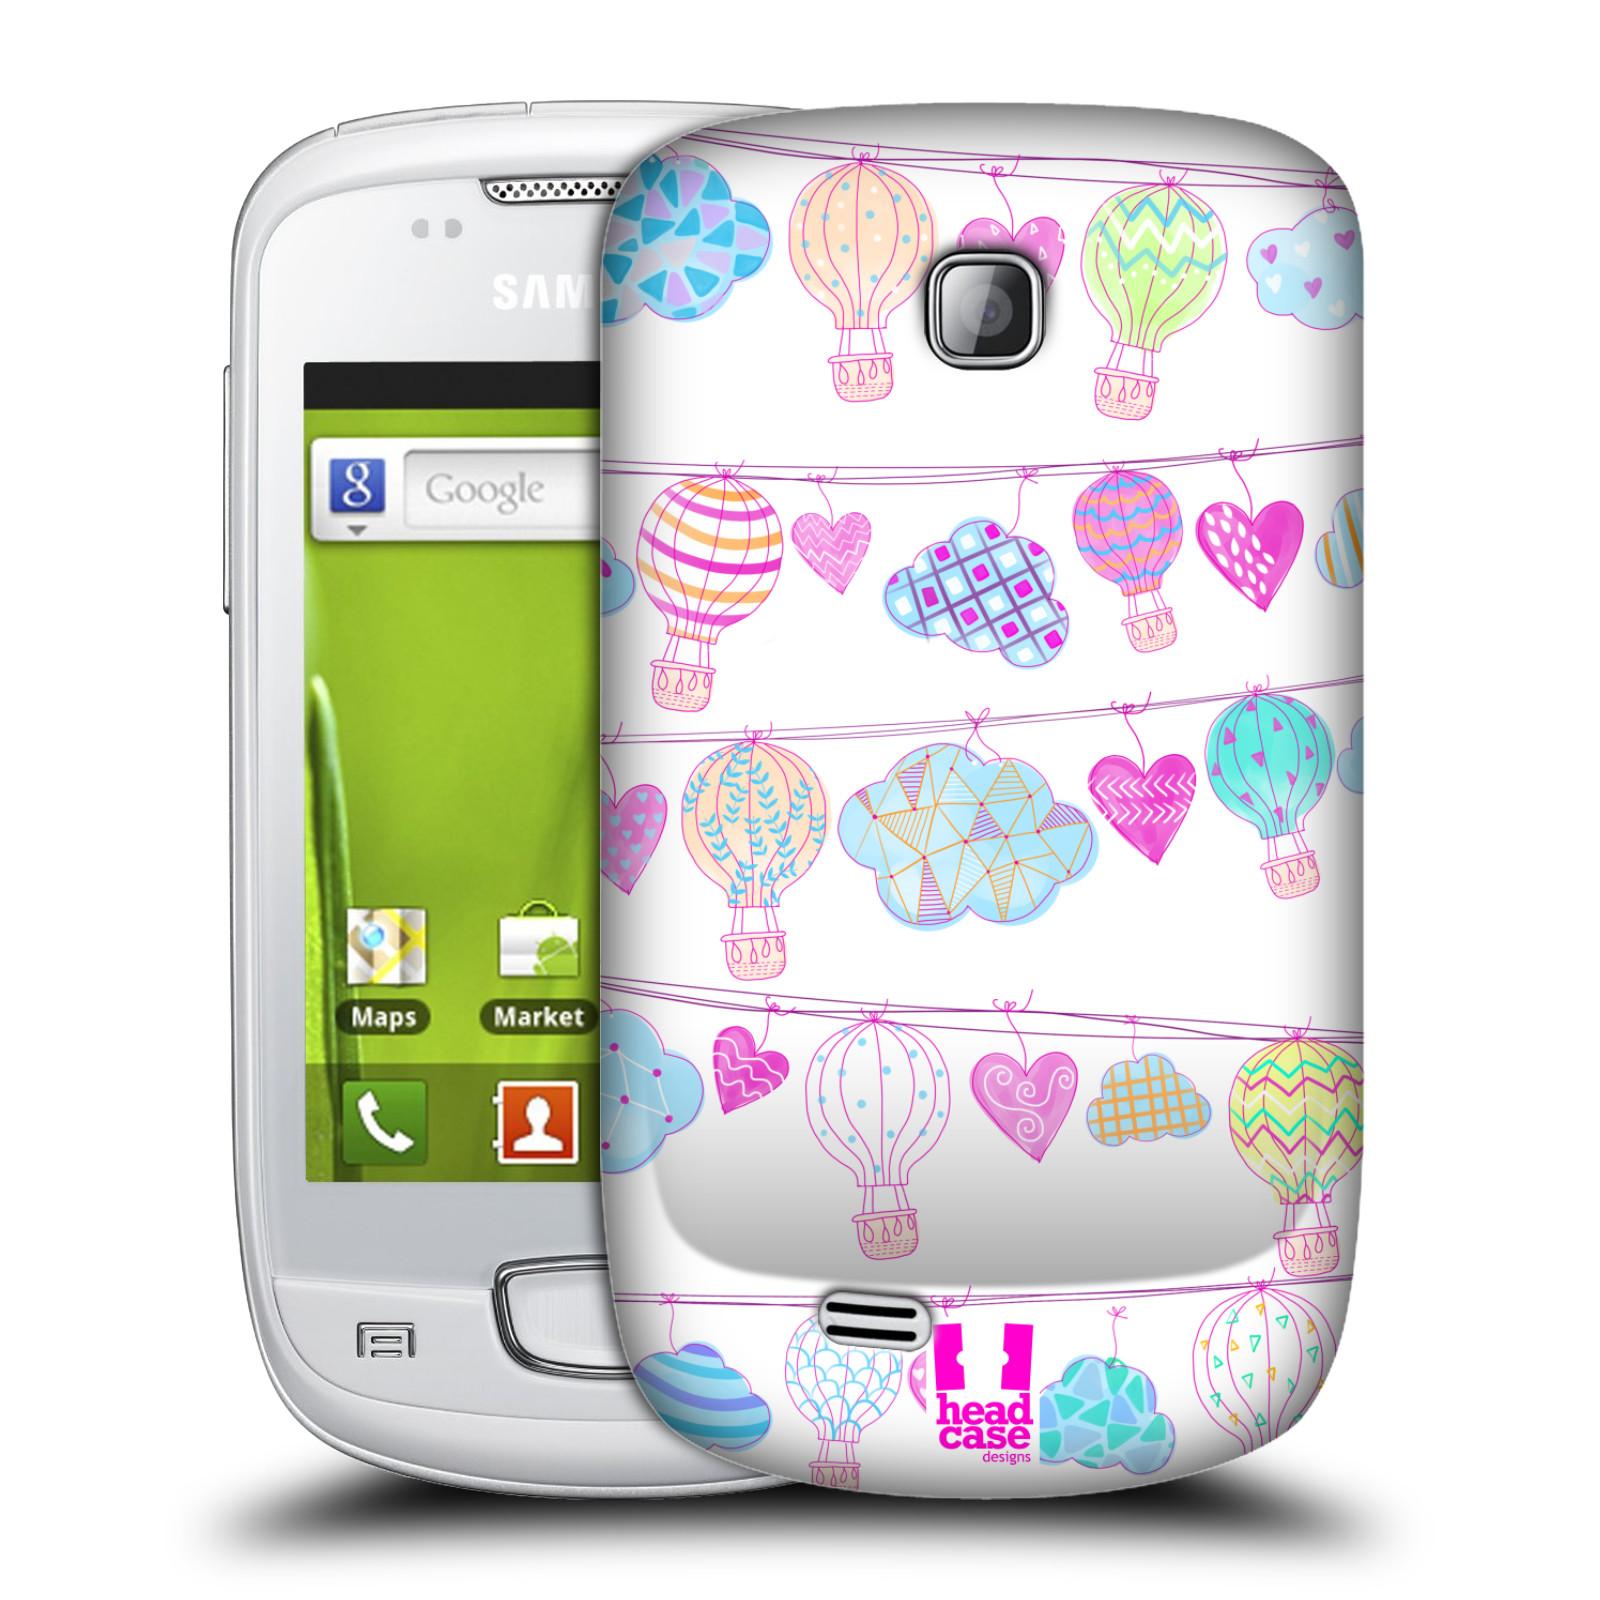 Plastové pouzdro na mobil Samsung Galaxy Mini HEAD CASE Balóny a srdíčka (Plastový kryt či obal na mobilní telefon Samsung Galaxy Mini GT-S5570 / GT-S5570i)